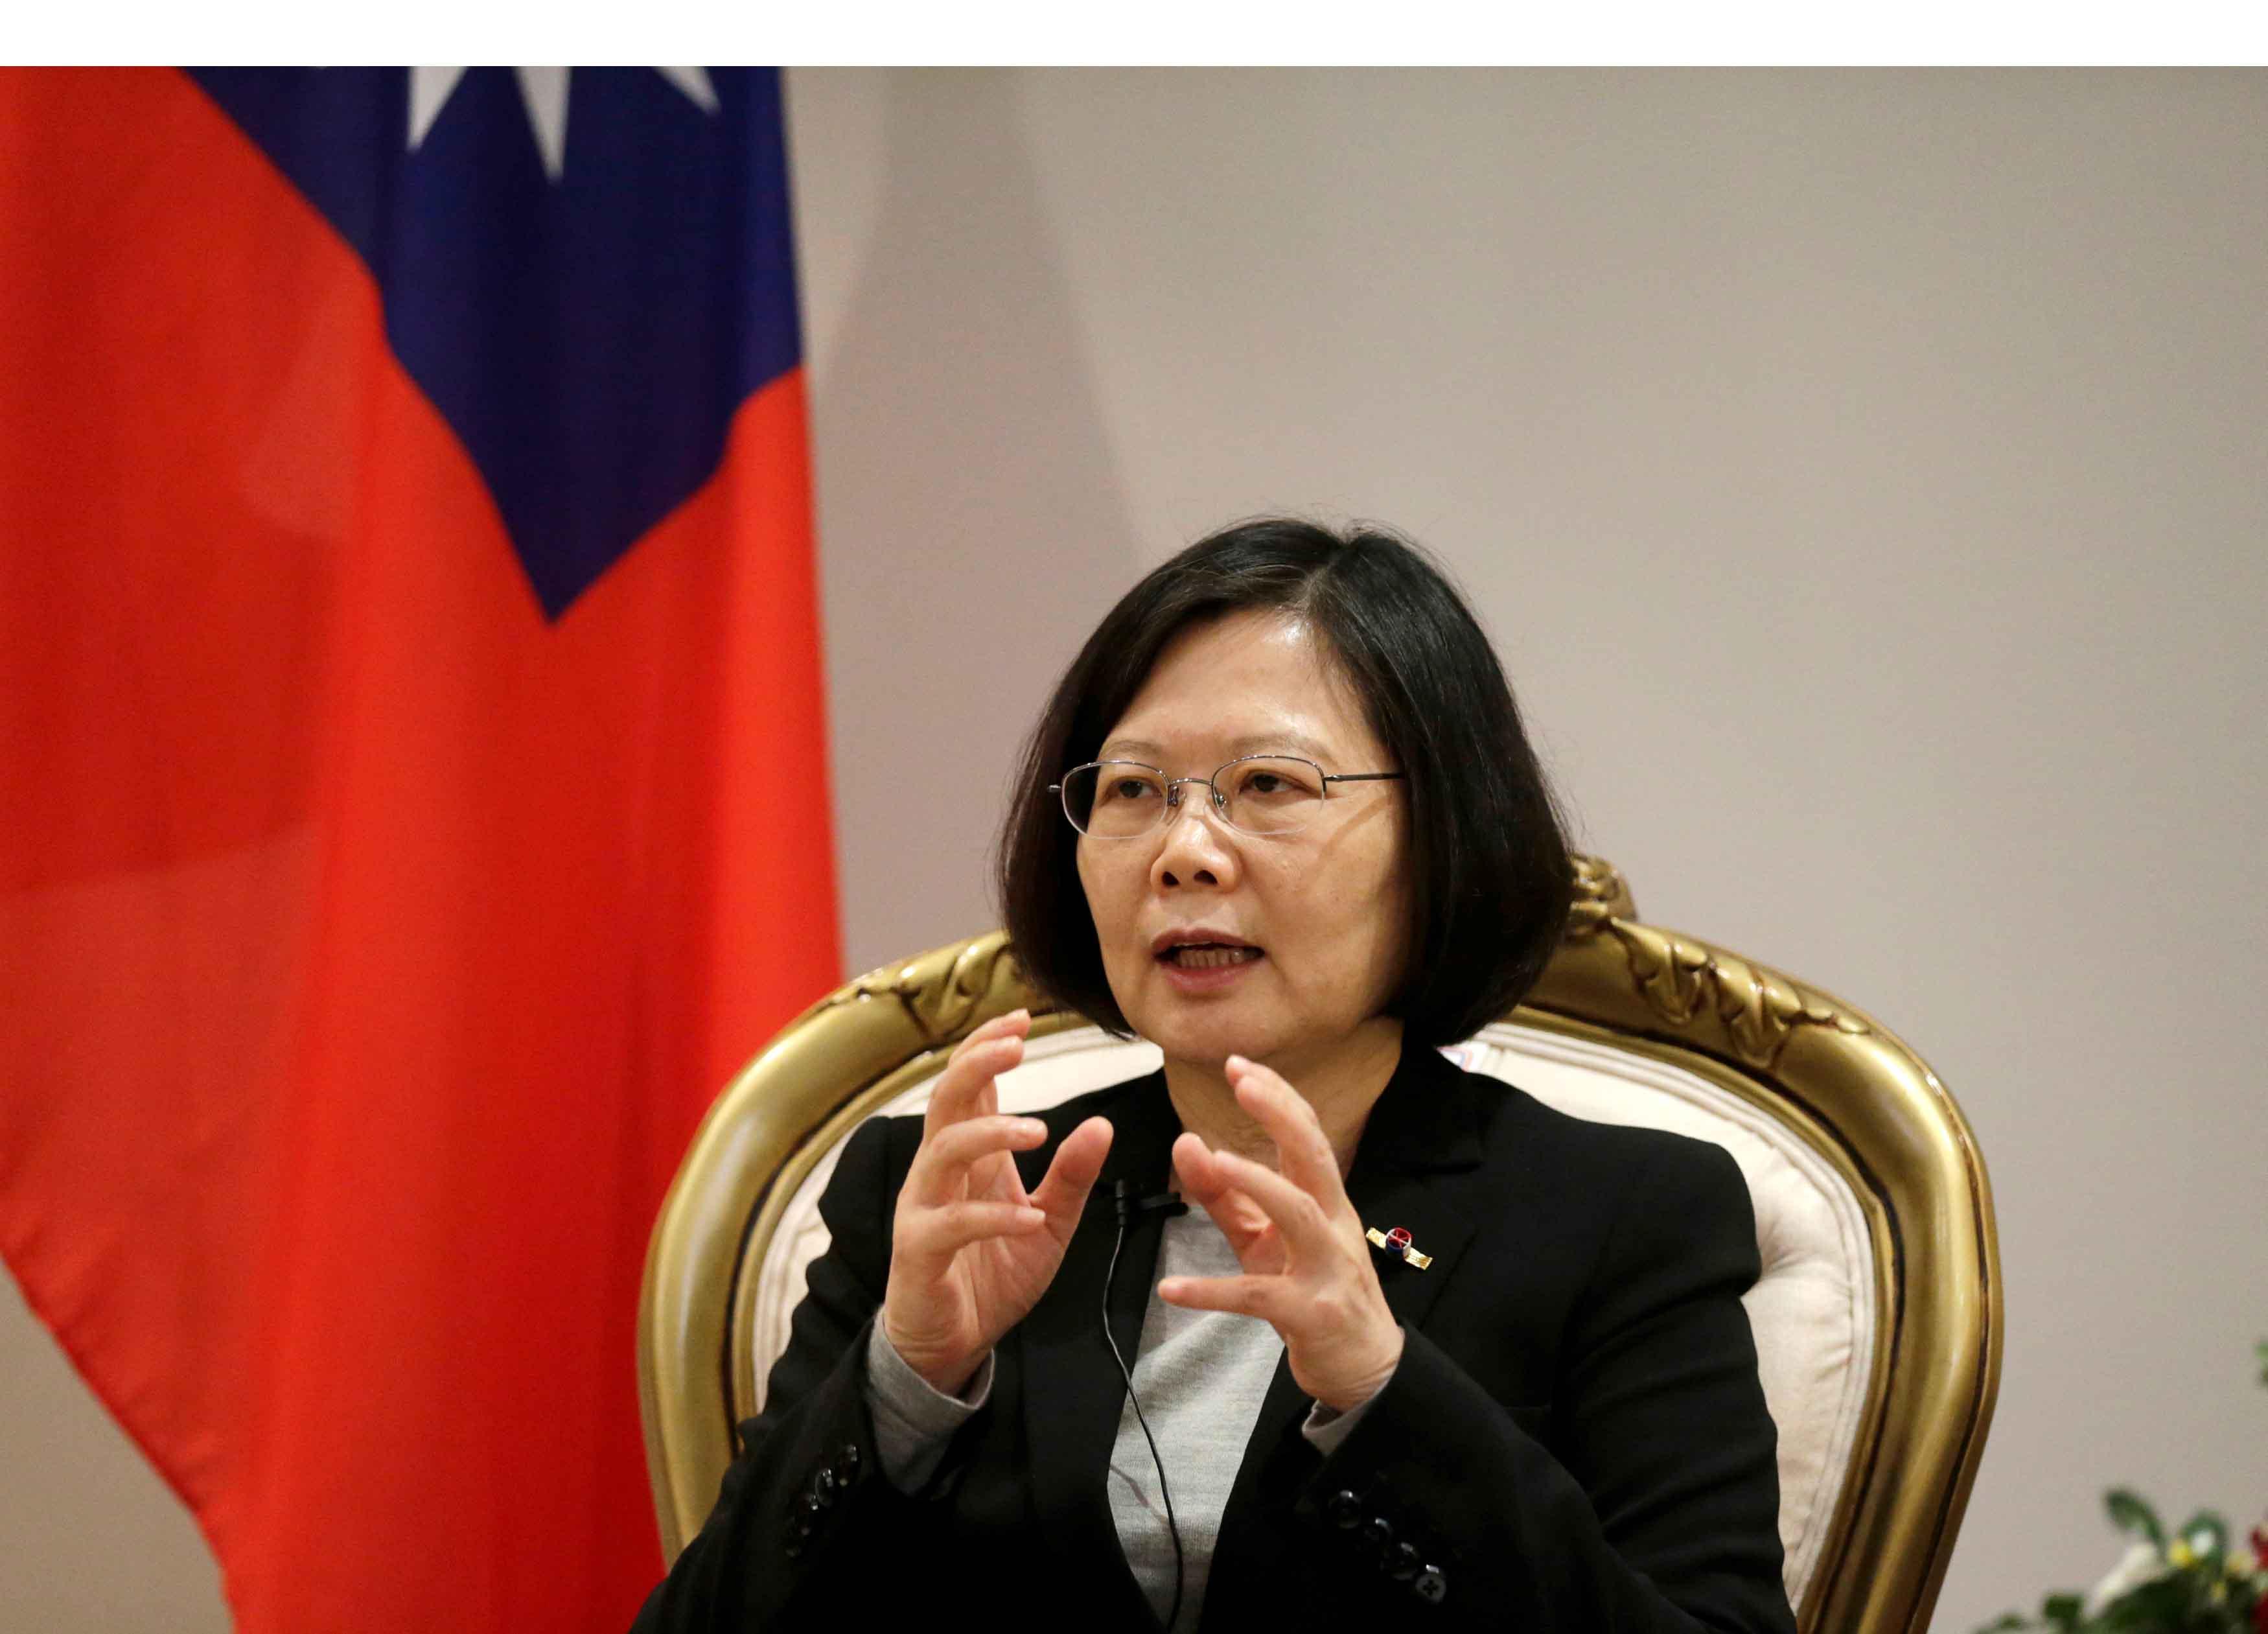 La presidenta reconoció que el Ejército taiwanés no está bien como está, sino que necesita reformas, que deben ser drásticas y decisivas